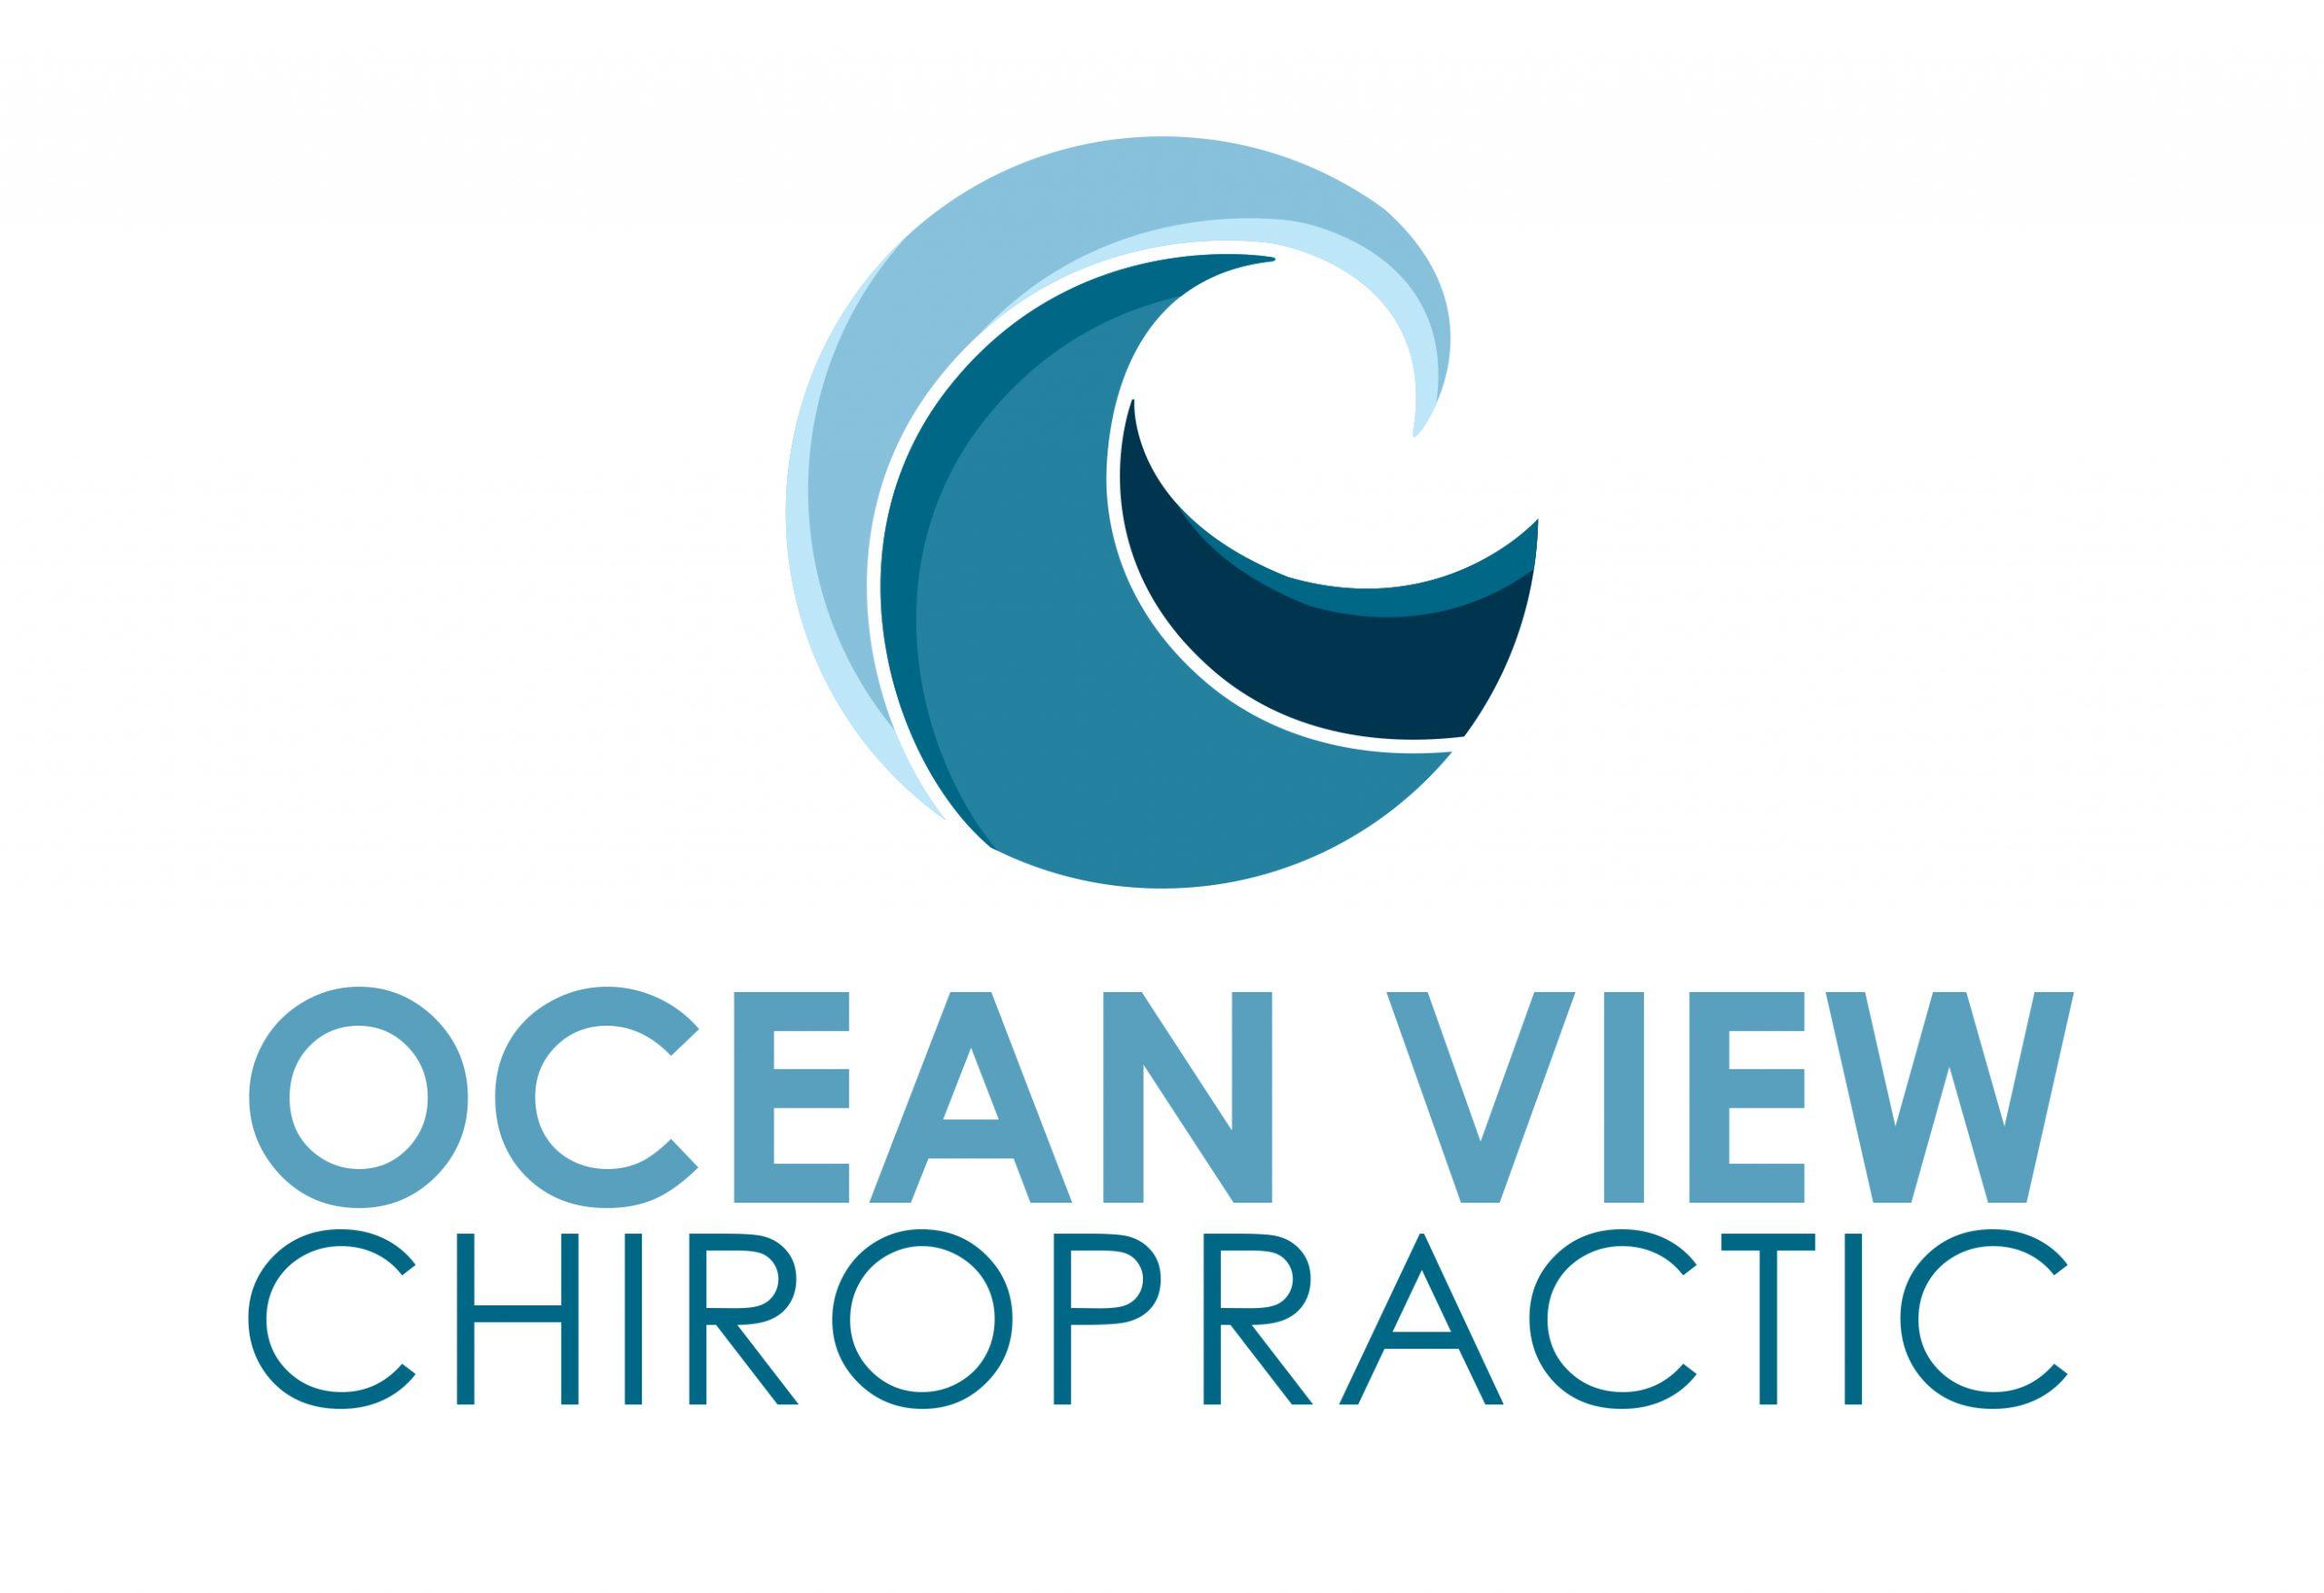 Ocean View Chiropractic